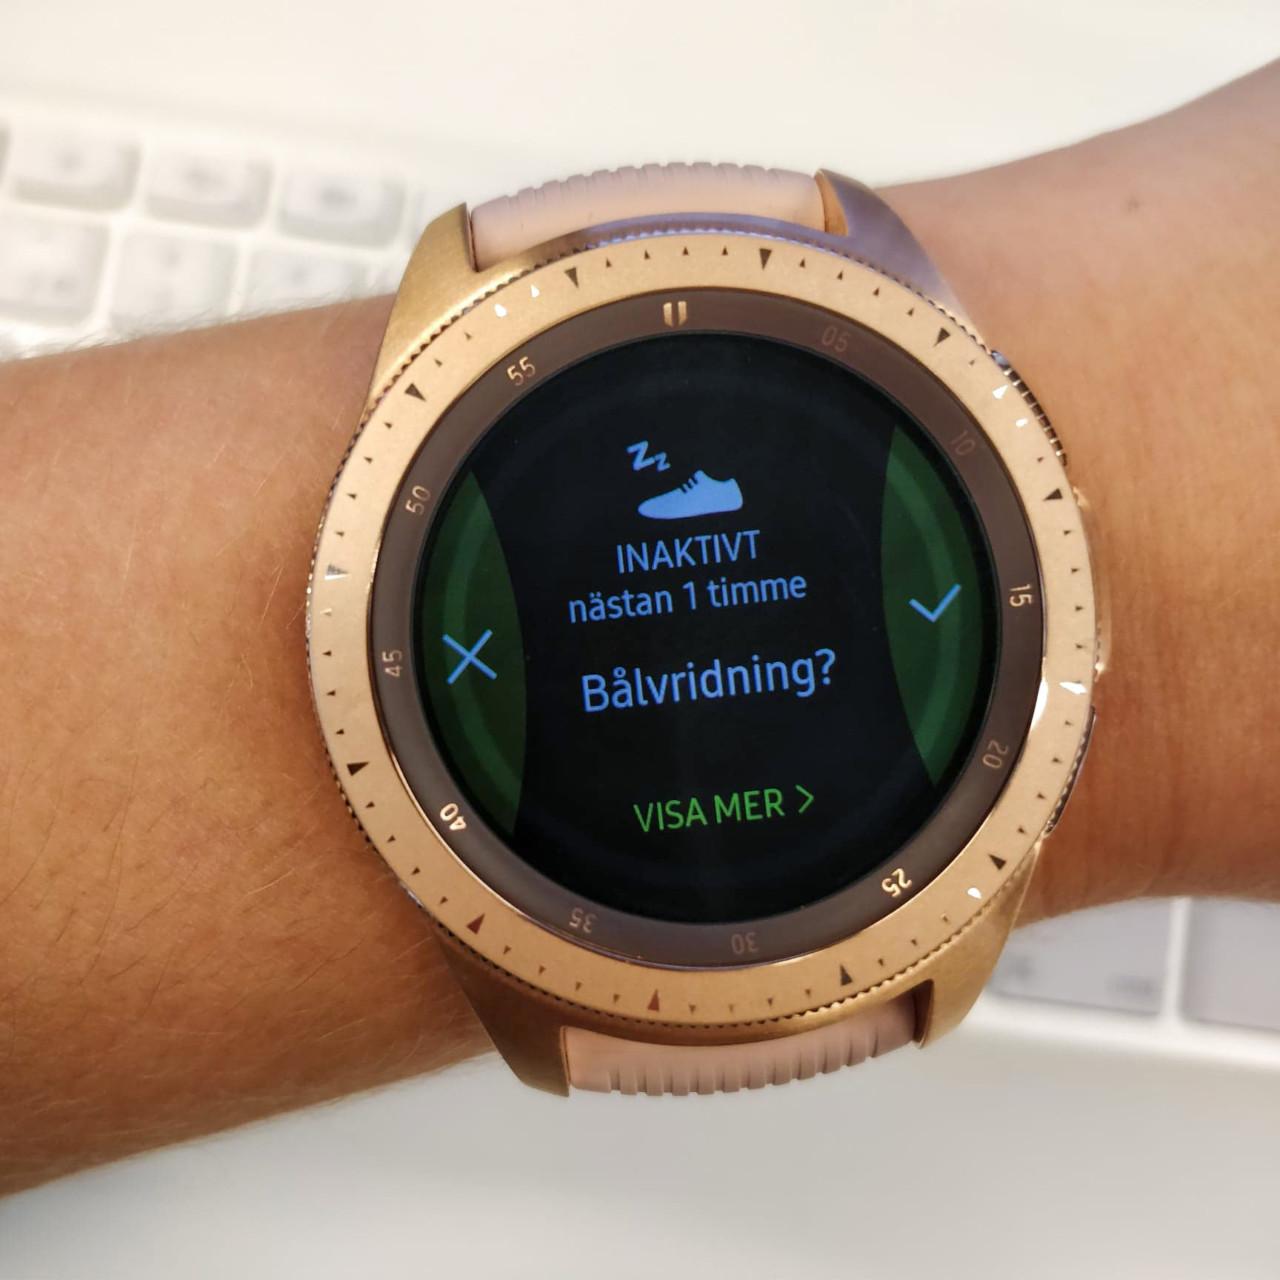 Samsung Galaxy Watch påminner dig om att röra på dig om du sitter still för länge